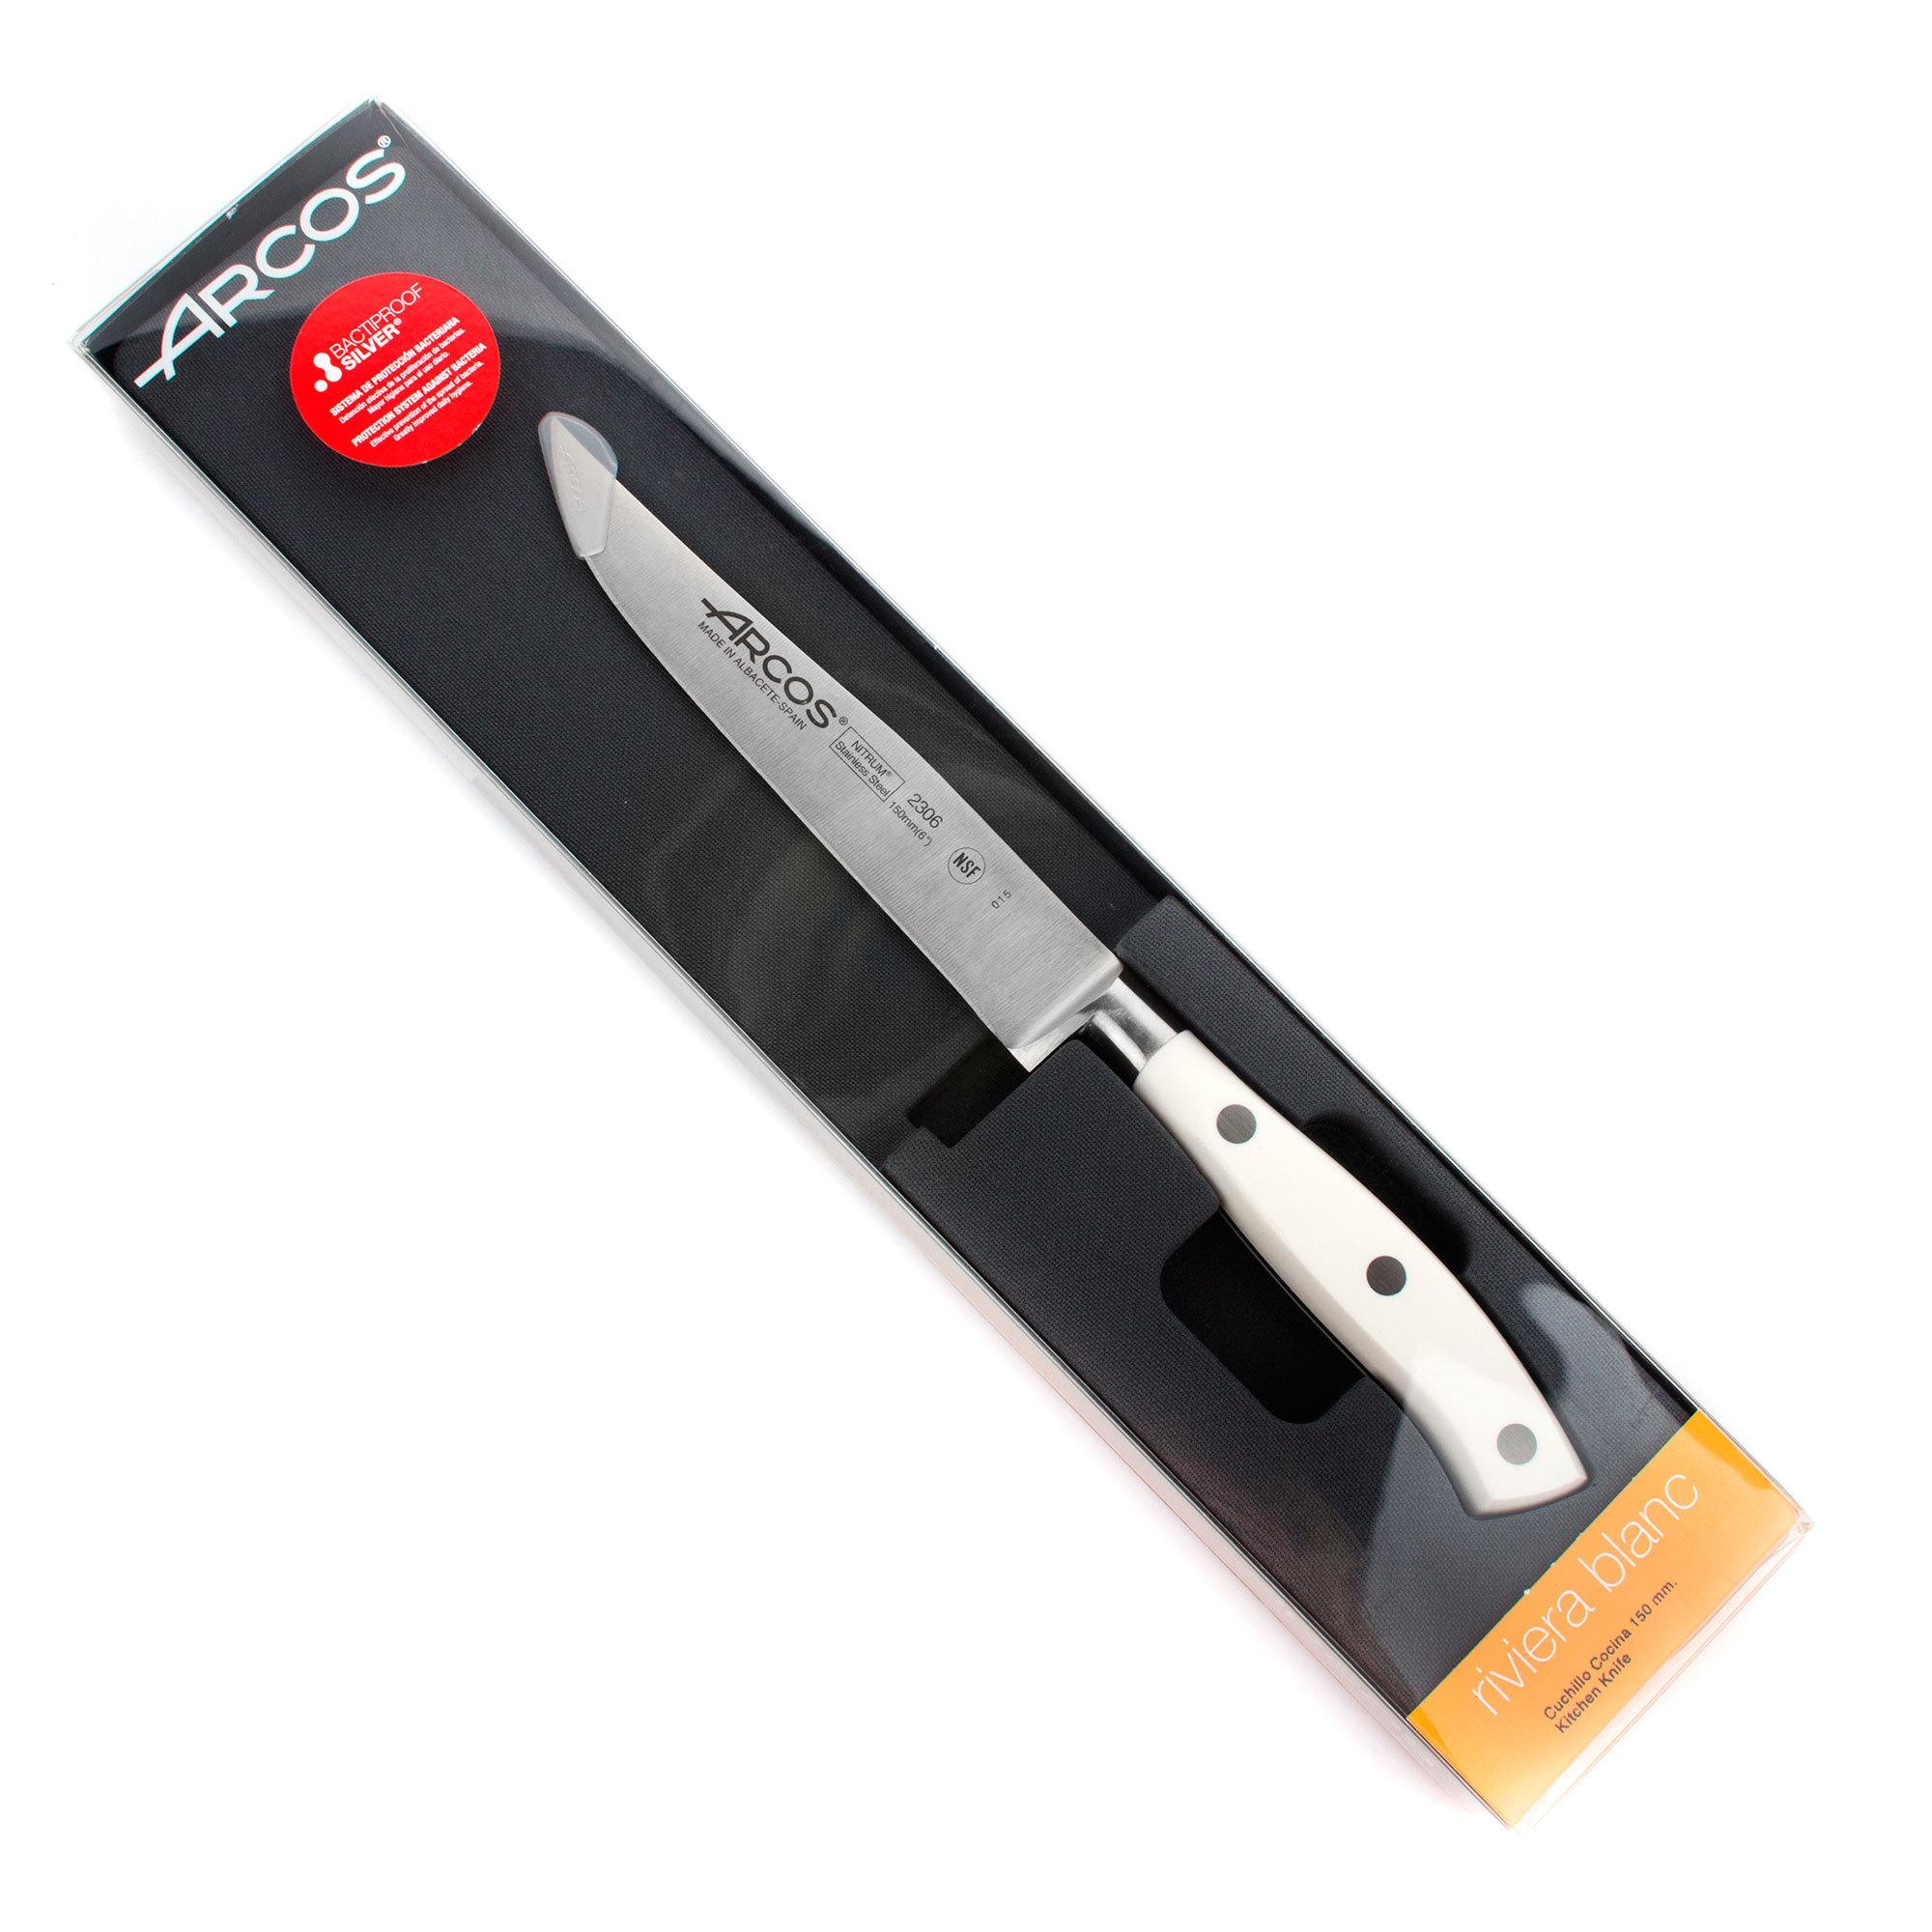 Нож кухонный стальной универсальный 15 см ARCOS Riviera Blanca арт. 230624W